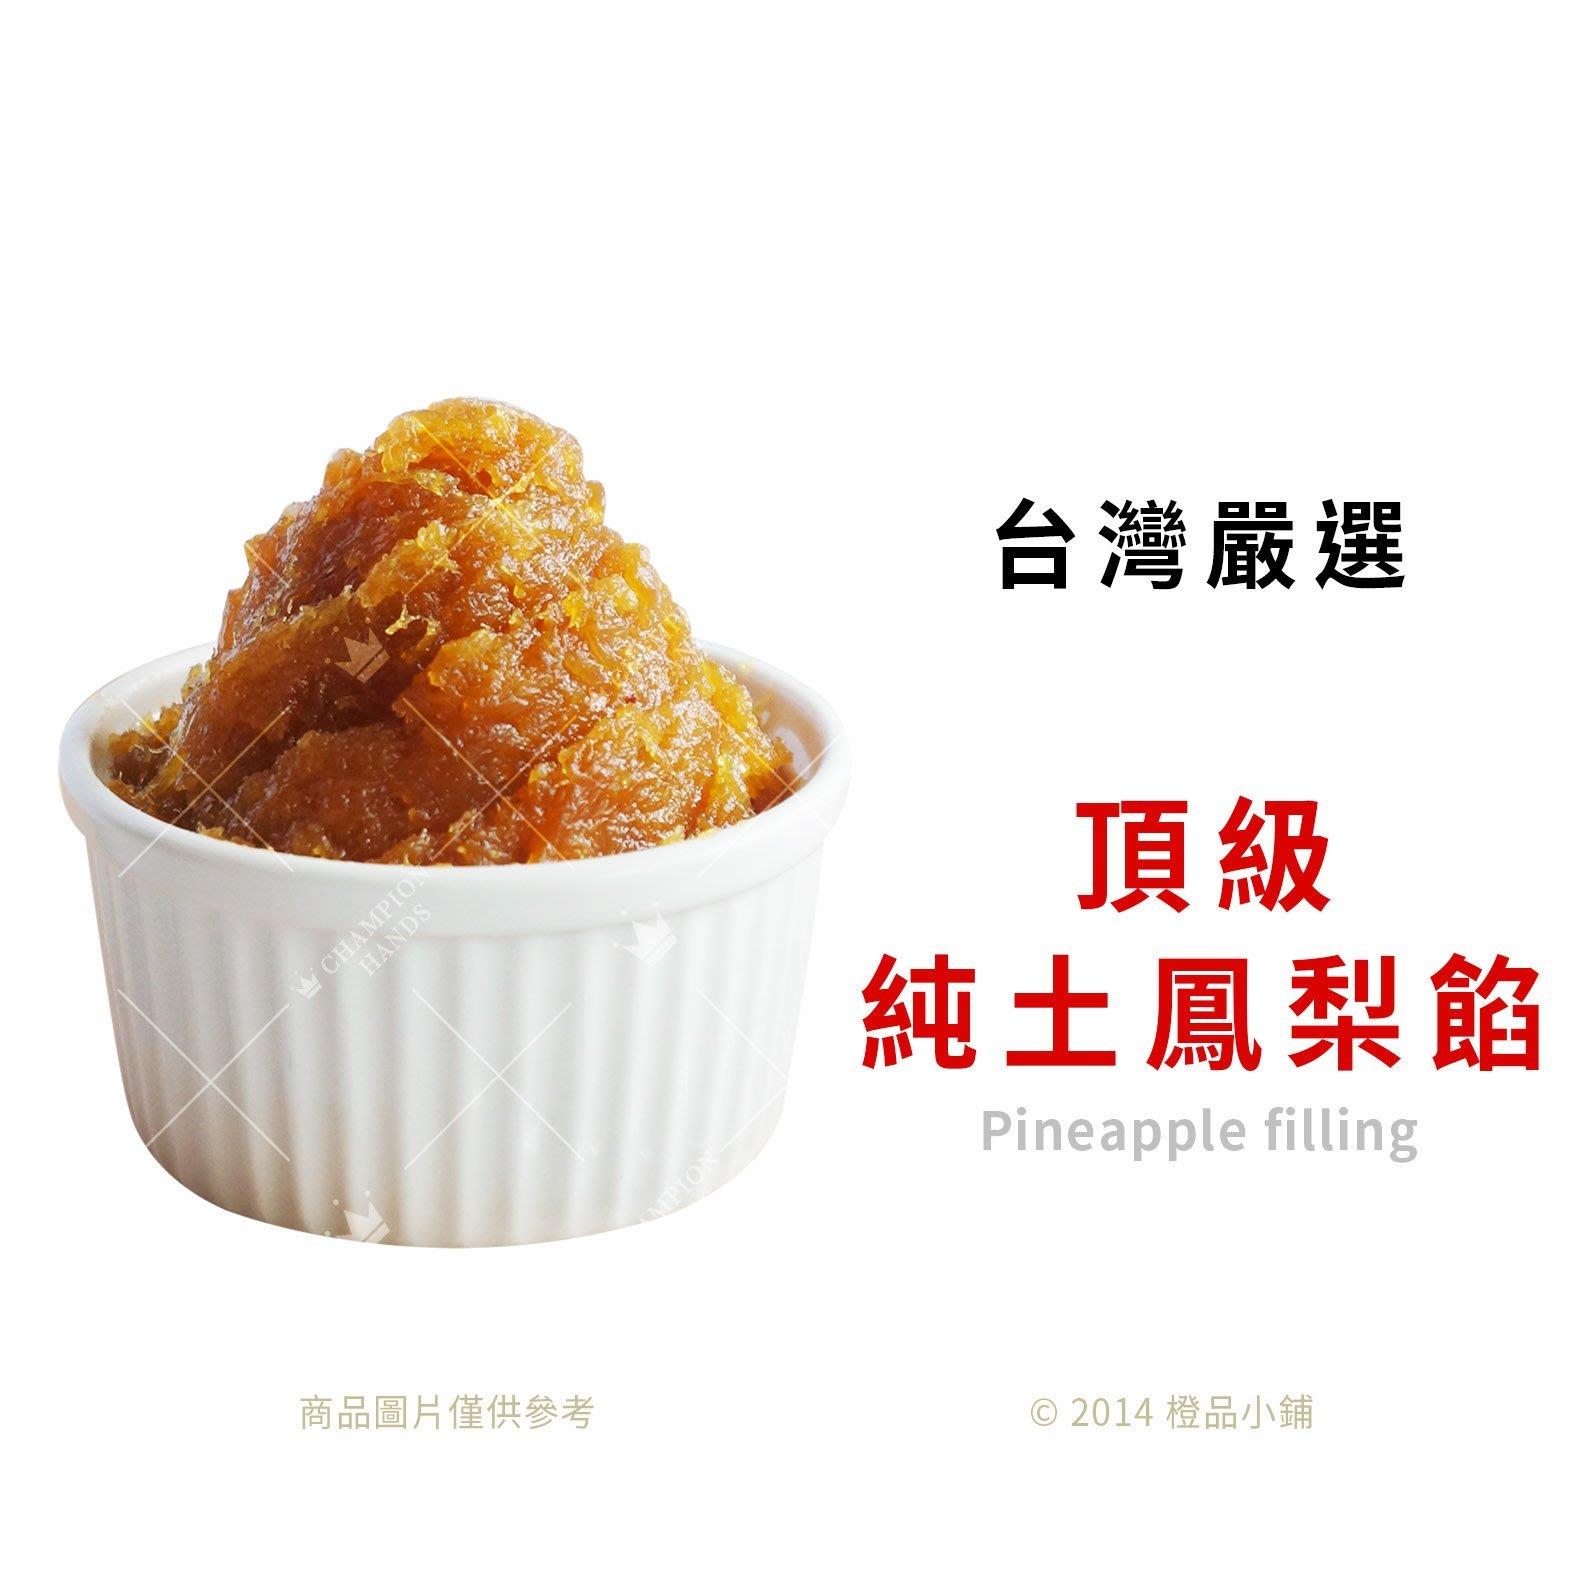 【橙品手作】台灣嚴選 頂級 純土鳳梨餡1公斤 (原裝)【烘焙材料】